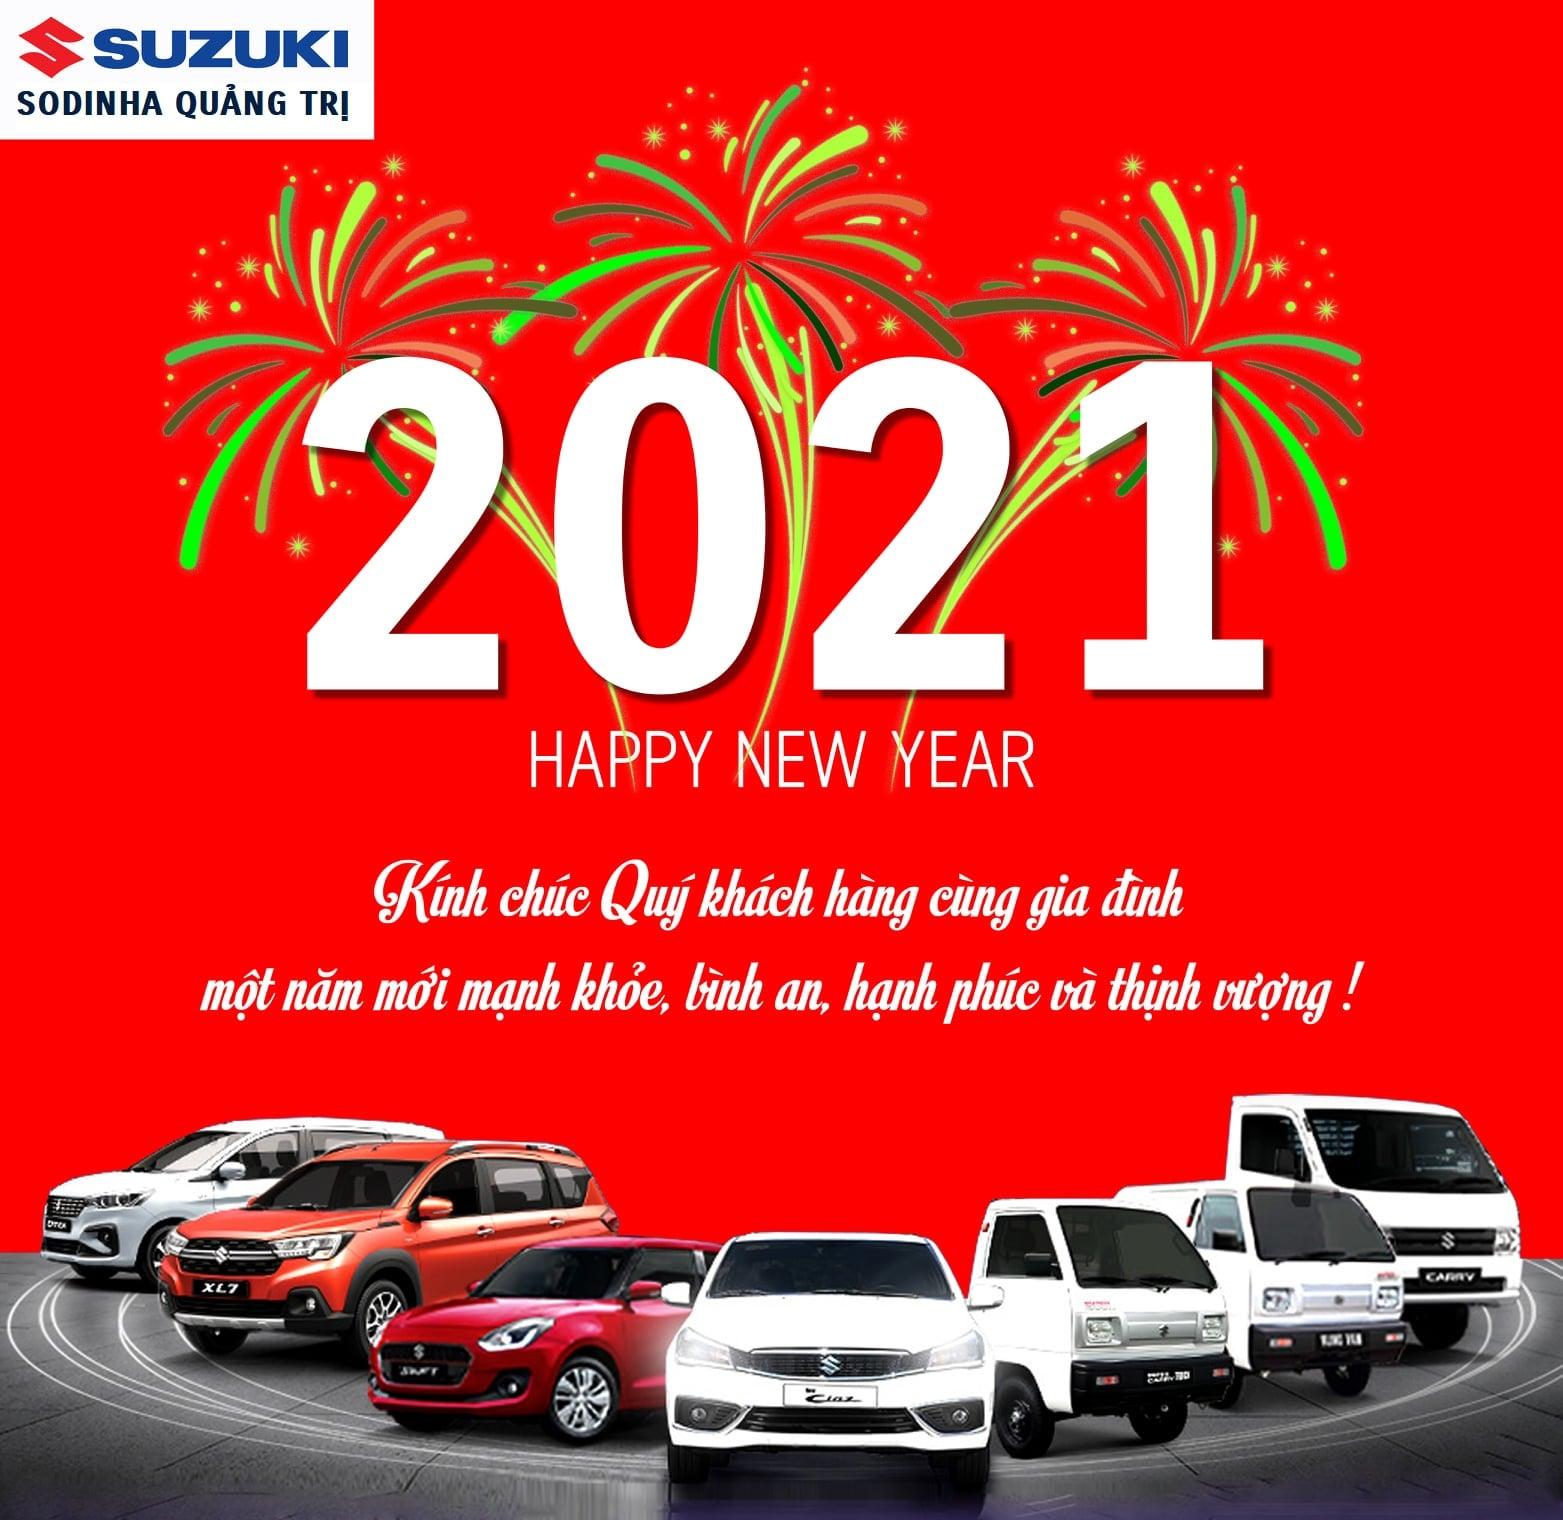 Tổng hợp một số hình ảnh giao xe cho khách hàng tháng 12